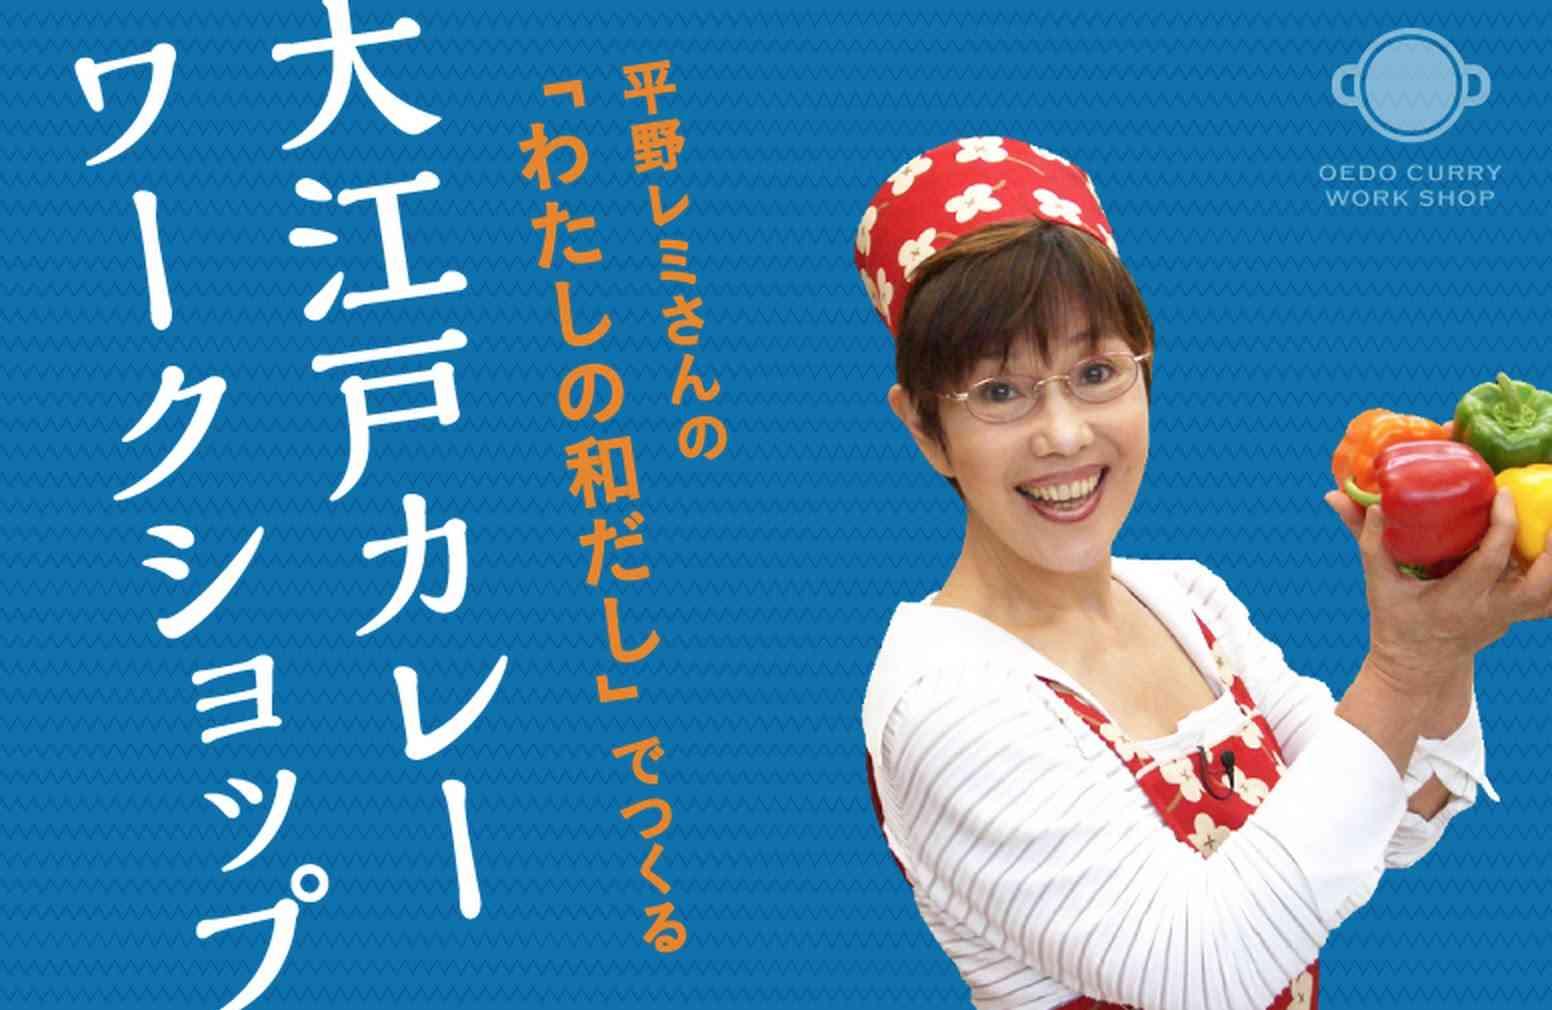 平野レミさんの「わたしの和だし」でつくる大江戸カレーワークショップ - YouTube